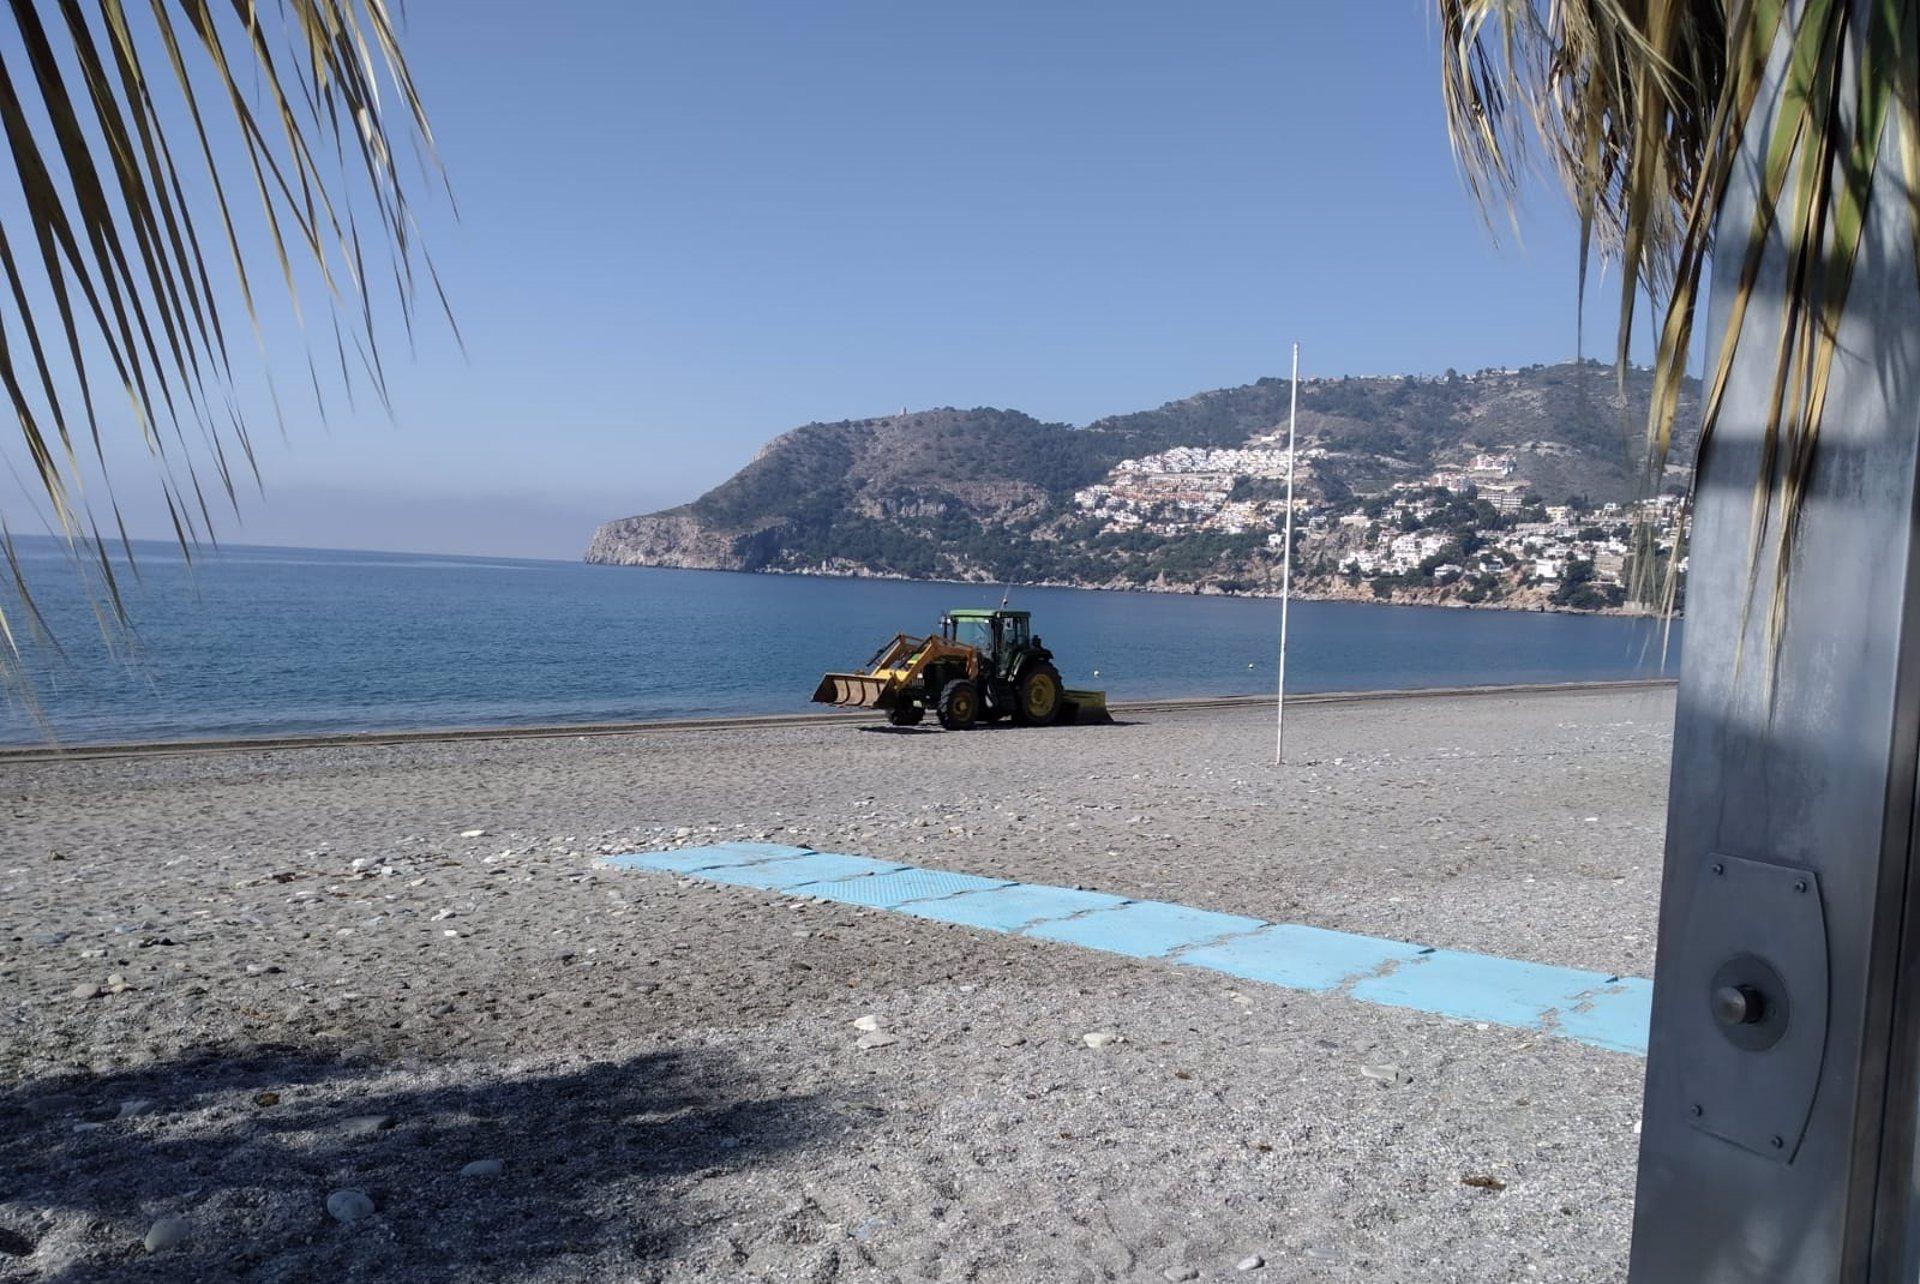 El Ayuntamiento sexitano pone a punto las playas de Almuñécar y La Herradura tras los temporales